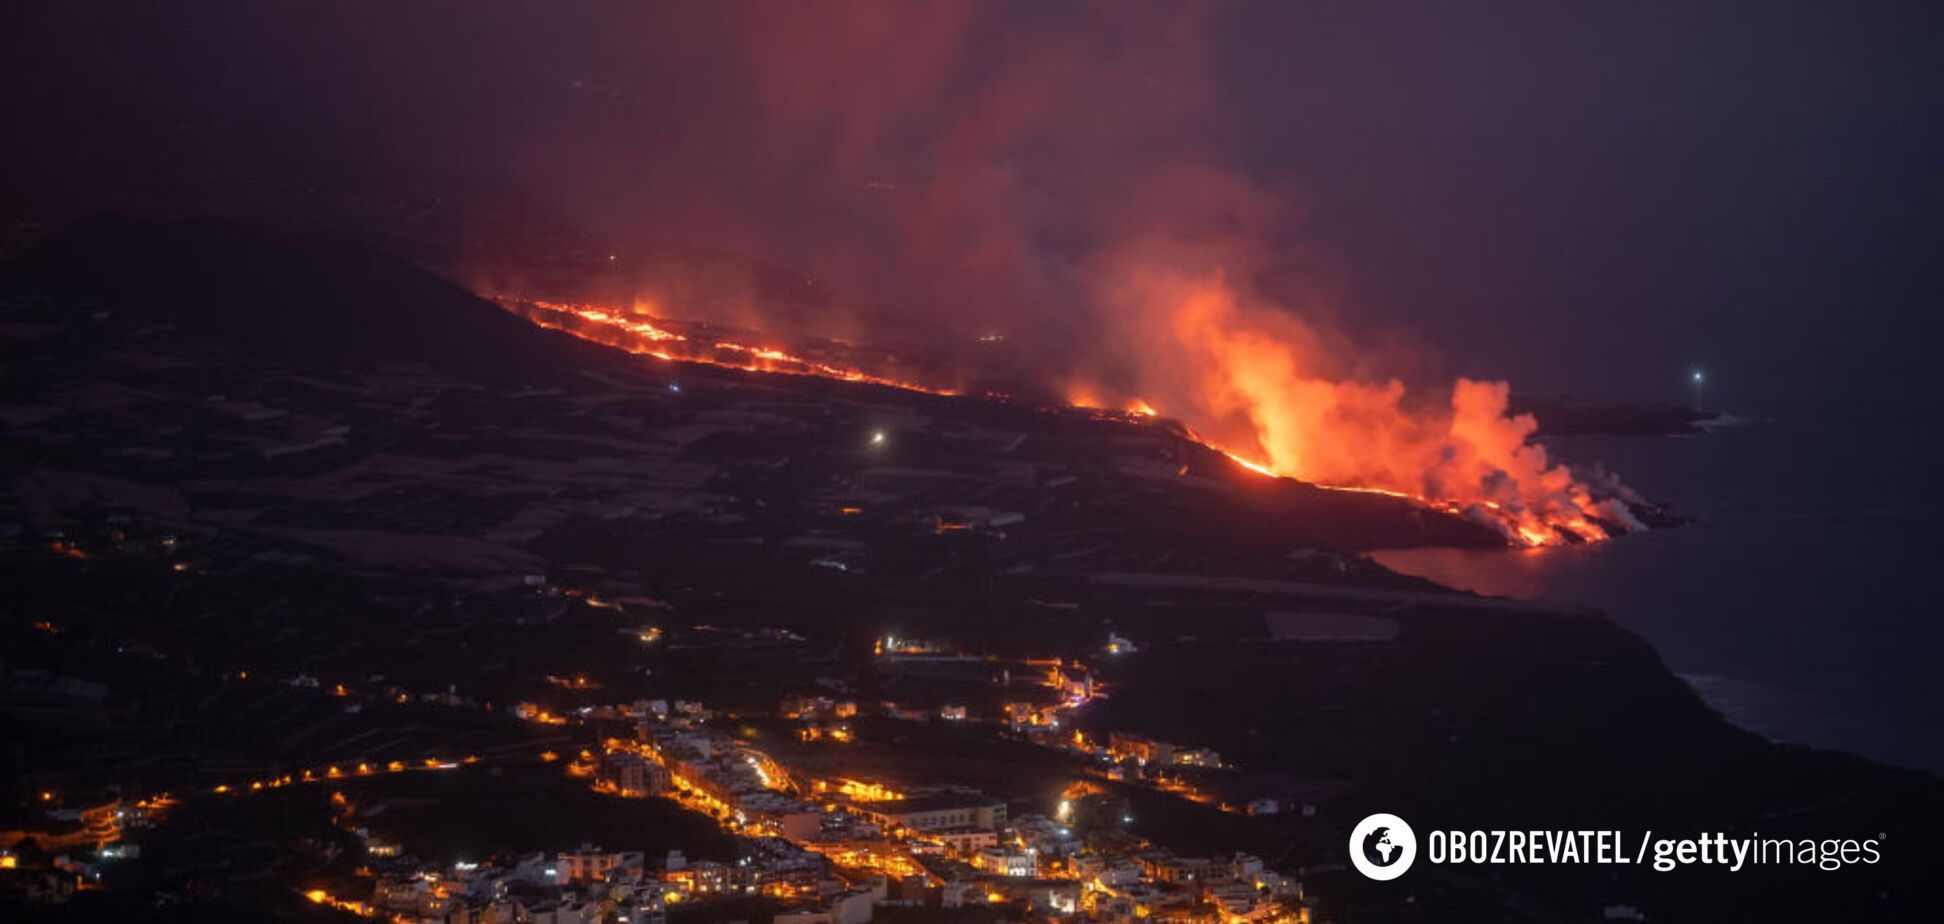 Аеропорт Ла-Пальма в Іспанії закрили через виверження вулкана: ситуація погіршилася. Фото і відео